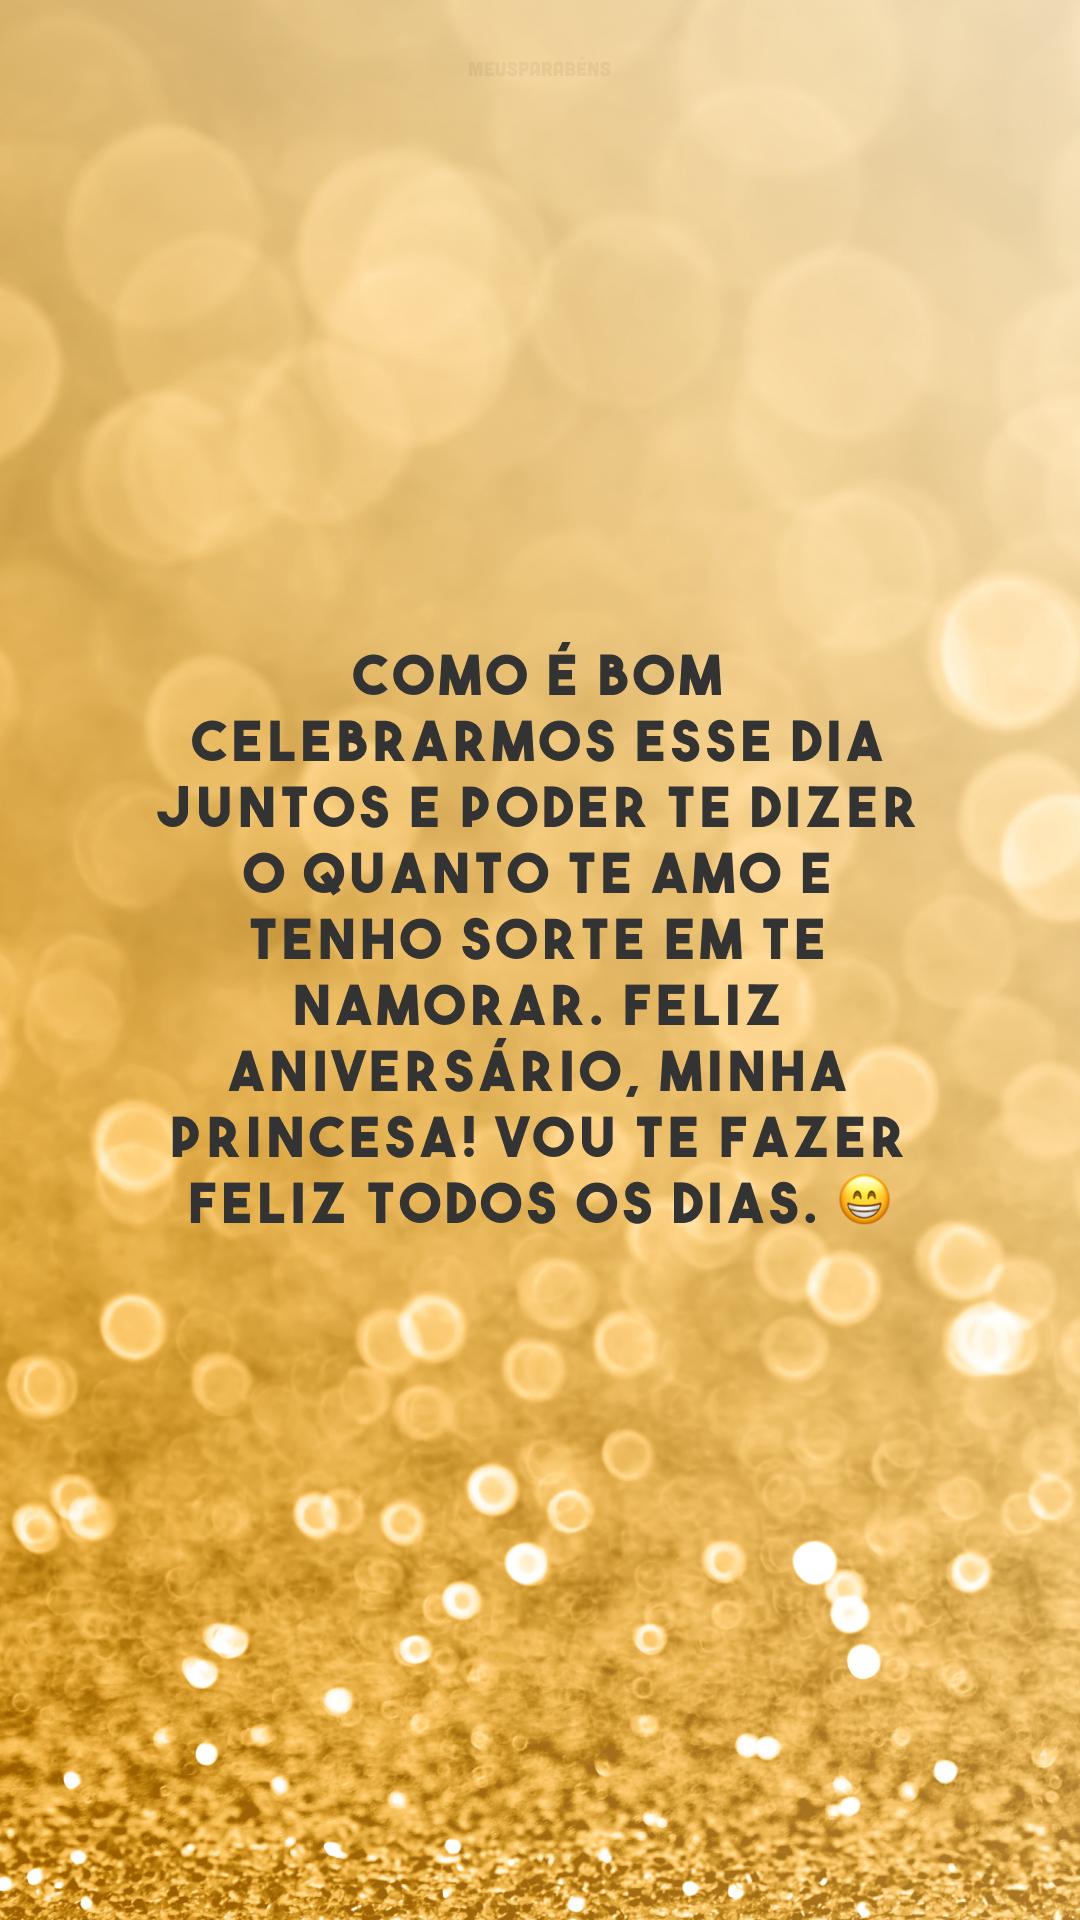 Como é bom celebrarmos esse dia juntos e poder te dizer o quanto te amo e tenho sorte em te namorar. Feliz aniversário, minha princesa! Vou te fazer feliz todos os dias. 😁